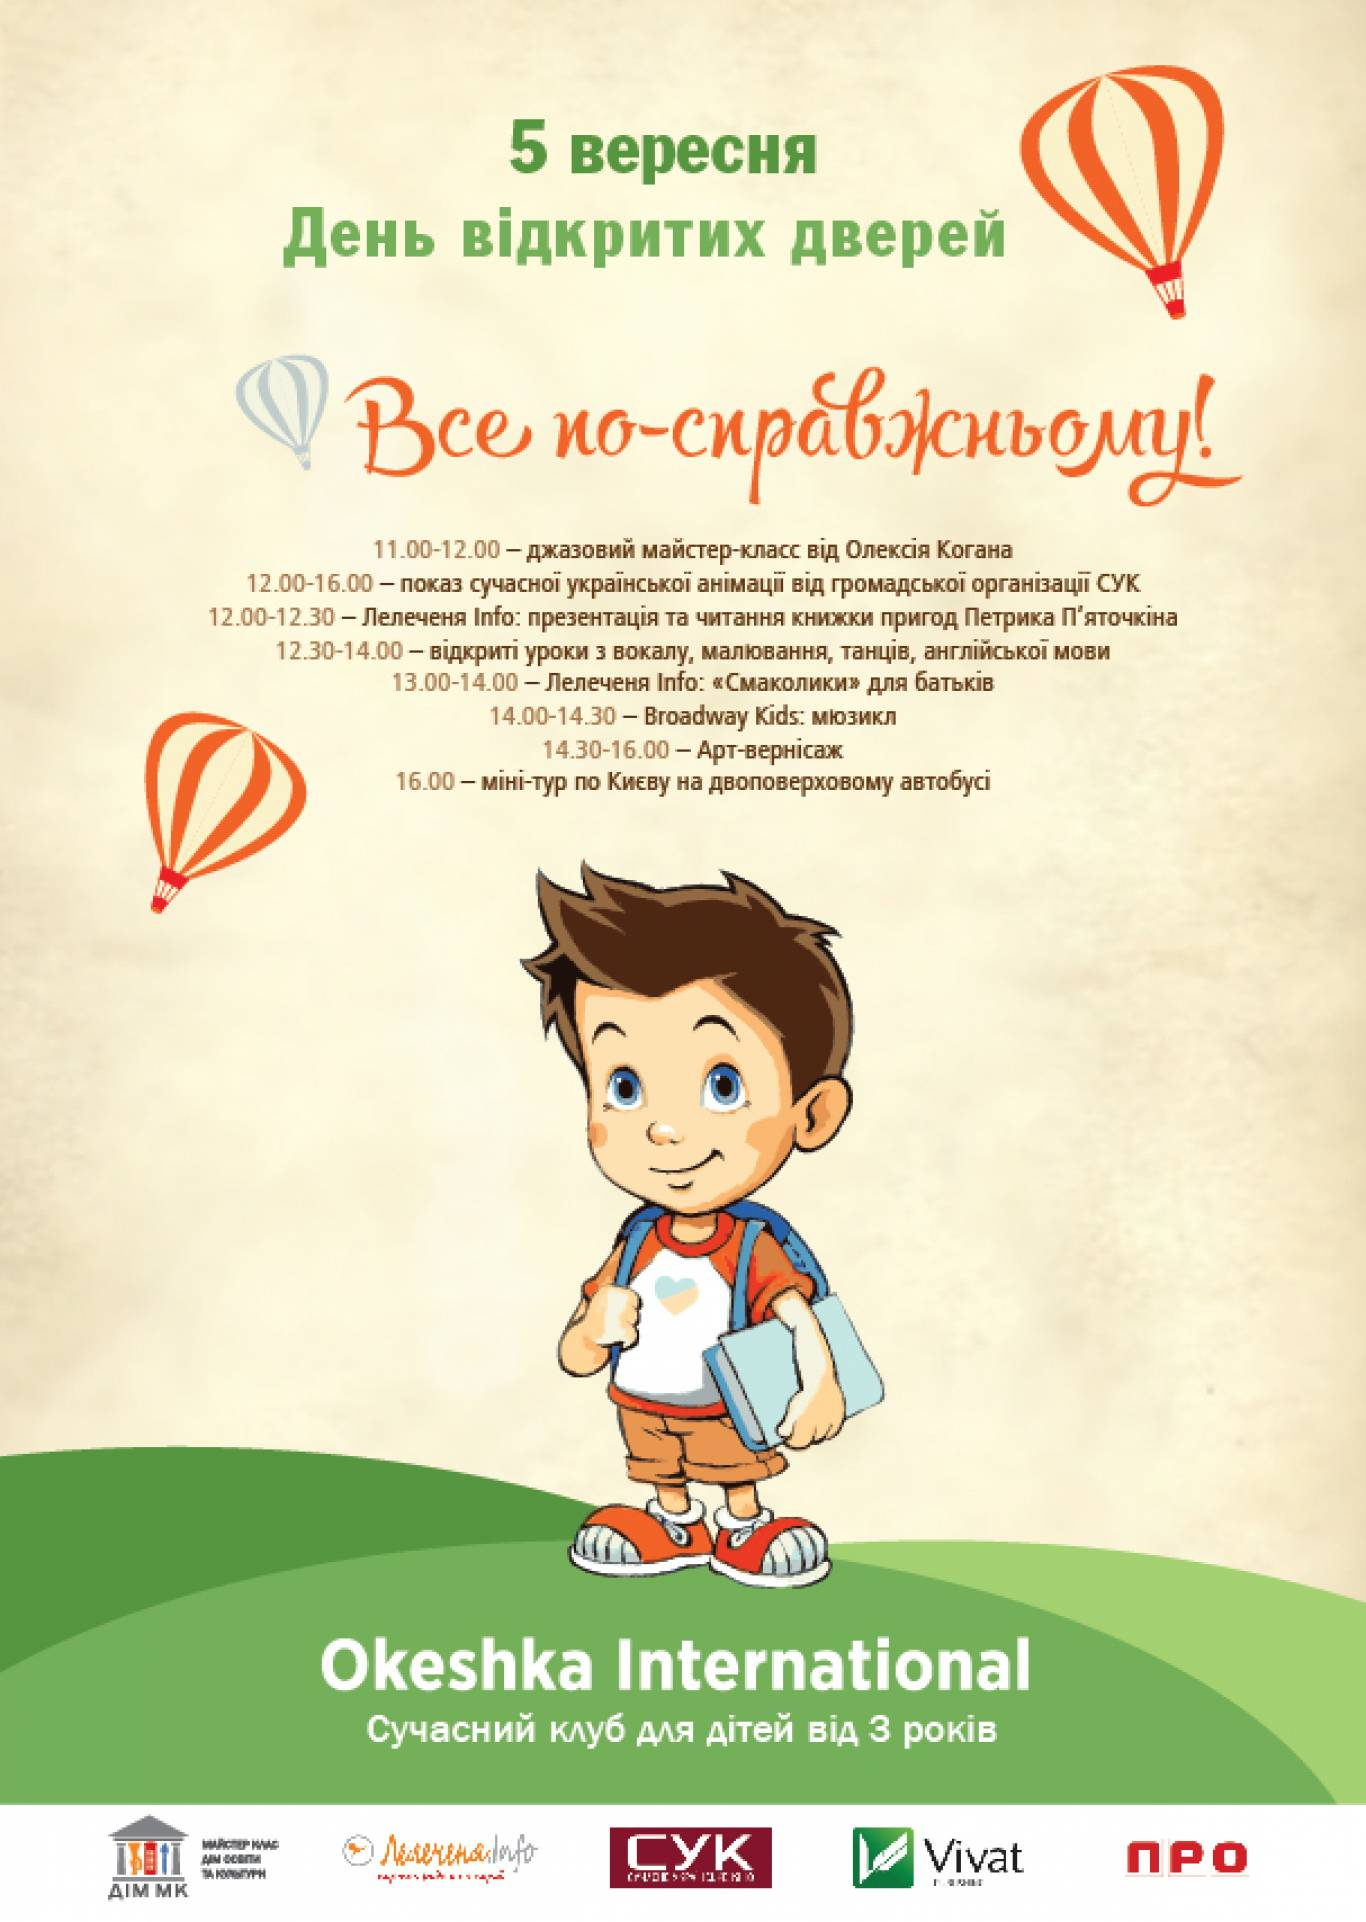 День відкритих дверей в Клубі для дітей та підлітків Okeshka International